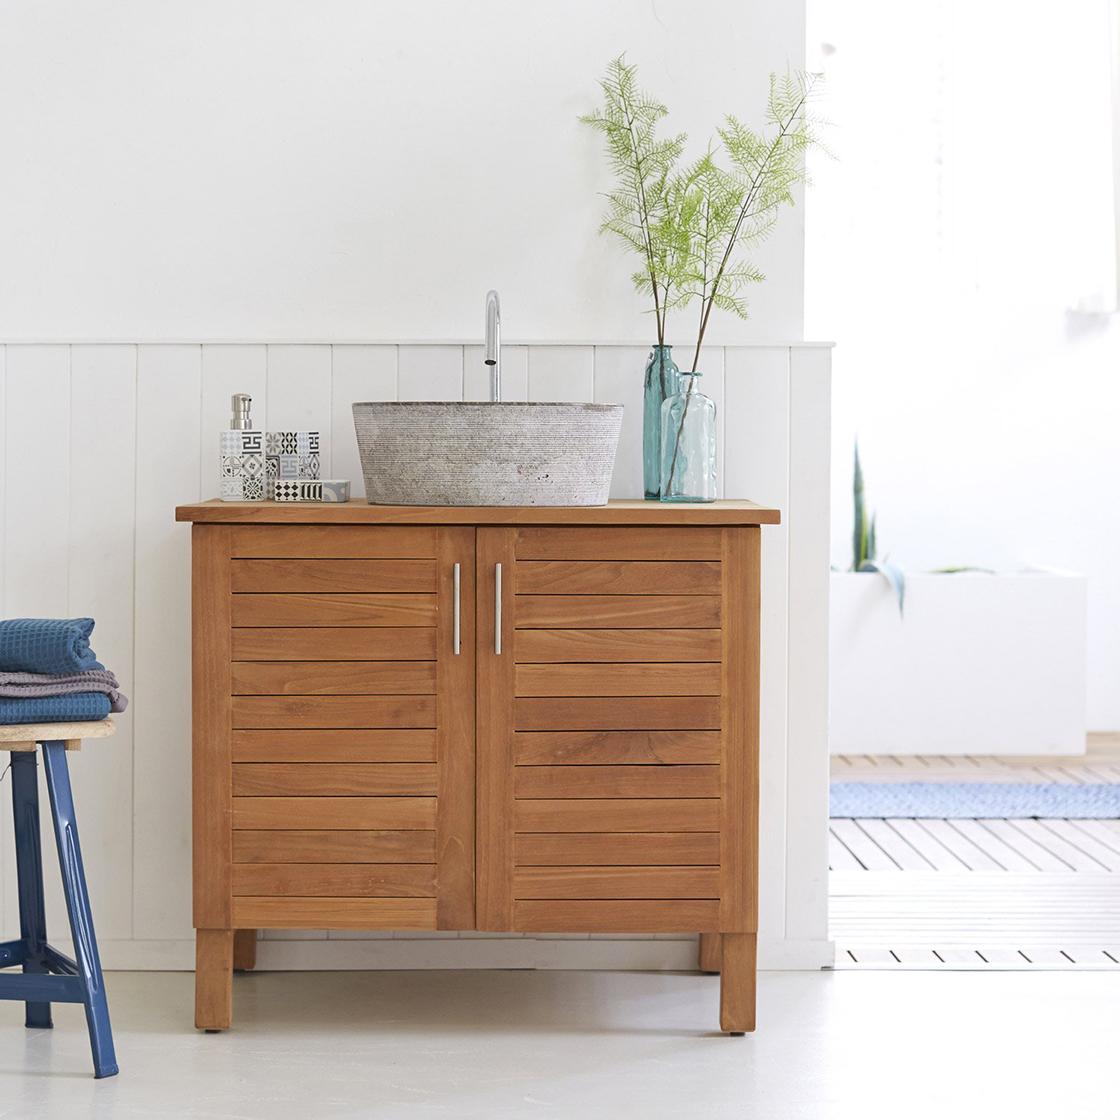 10 accessoires pour une salle de bain tendance blueberry. Black Bedroom Furniture Sets. Home Design Ideas